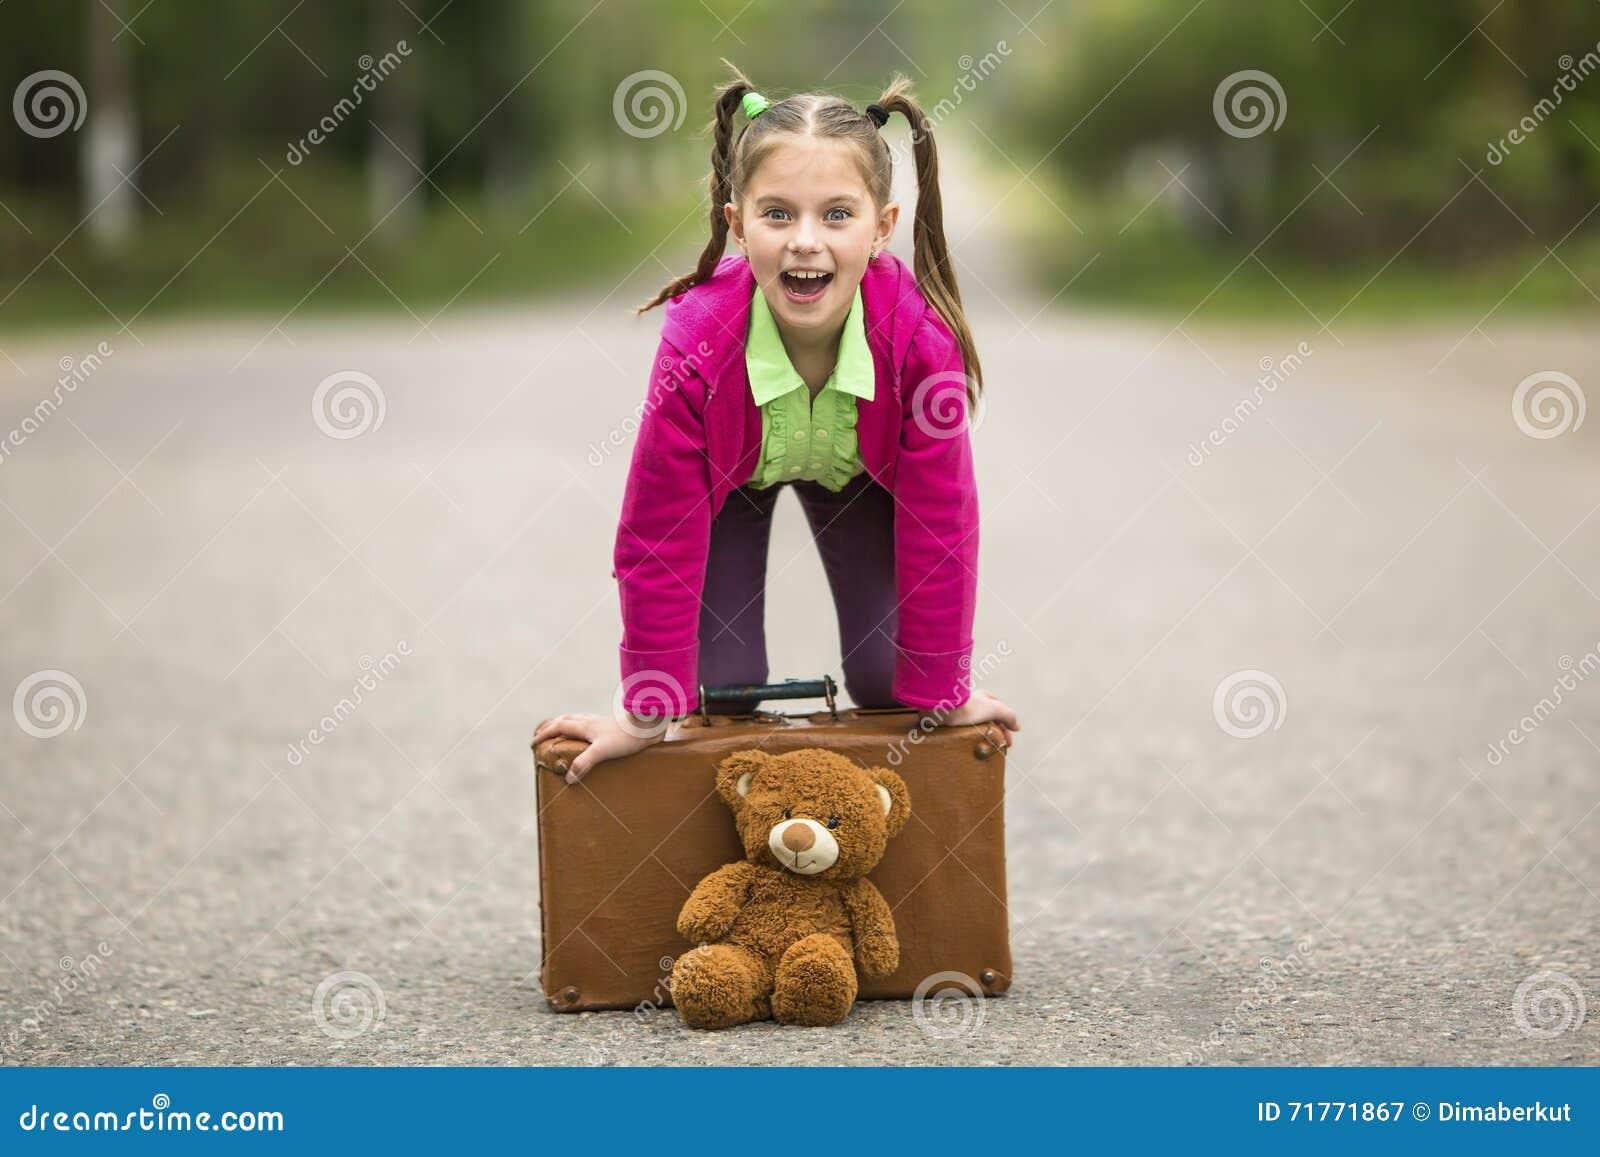 Liten rolig flicka på vägen med en resväska och en nallebjörn Lyckligt